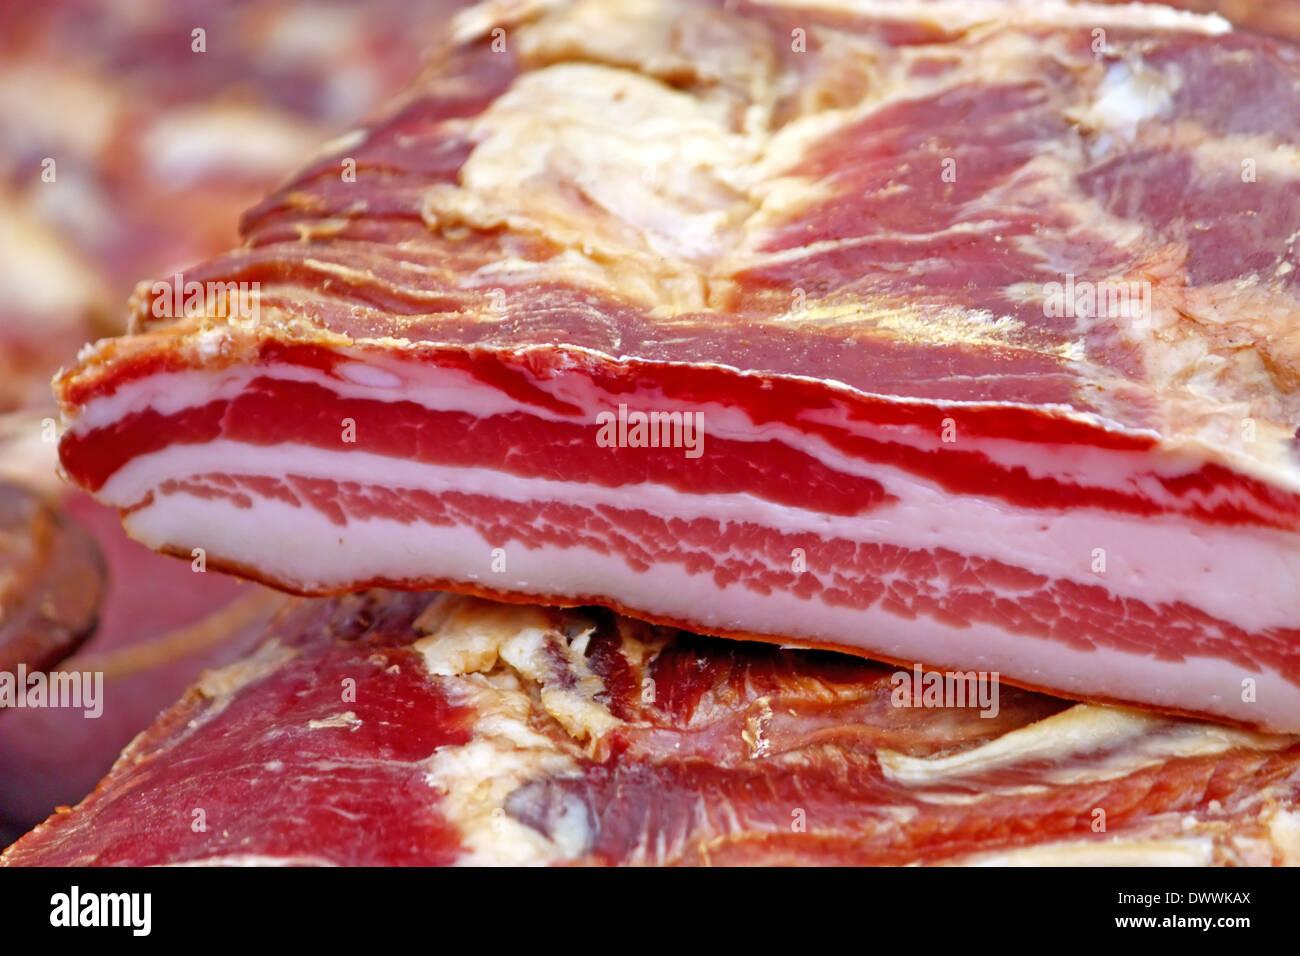 Piece of smoked bacon - Stock Image